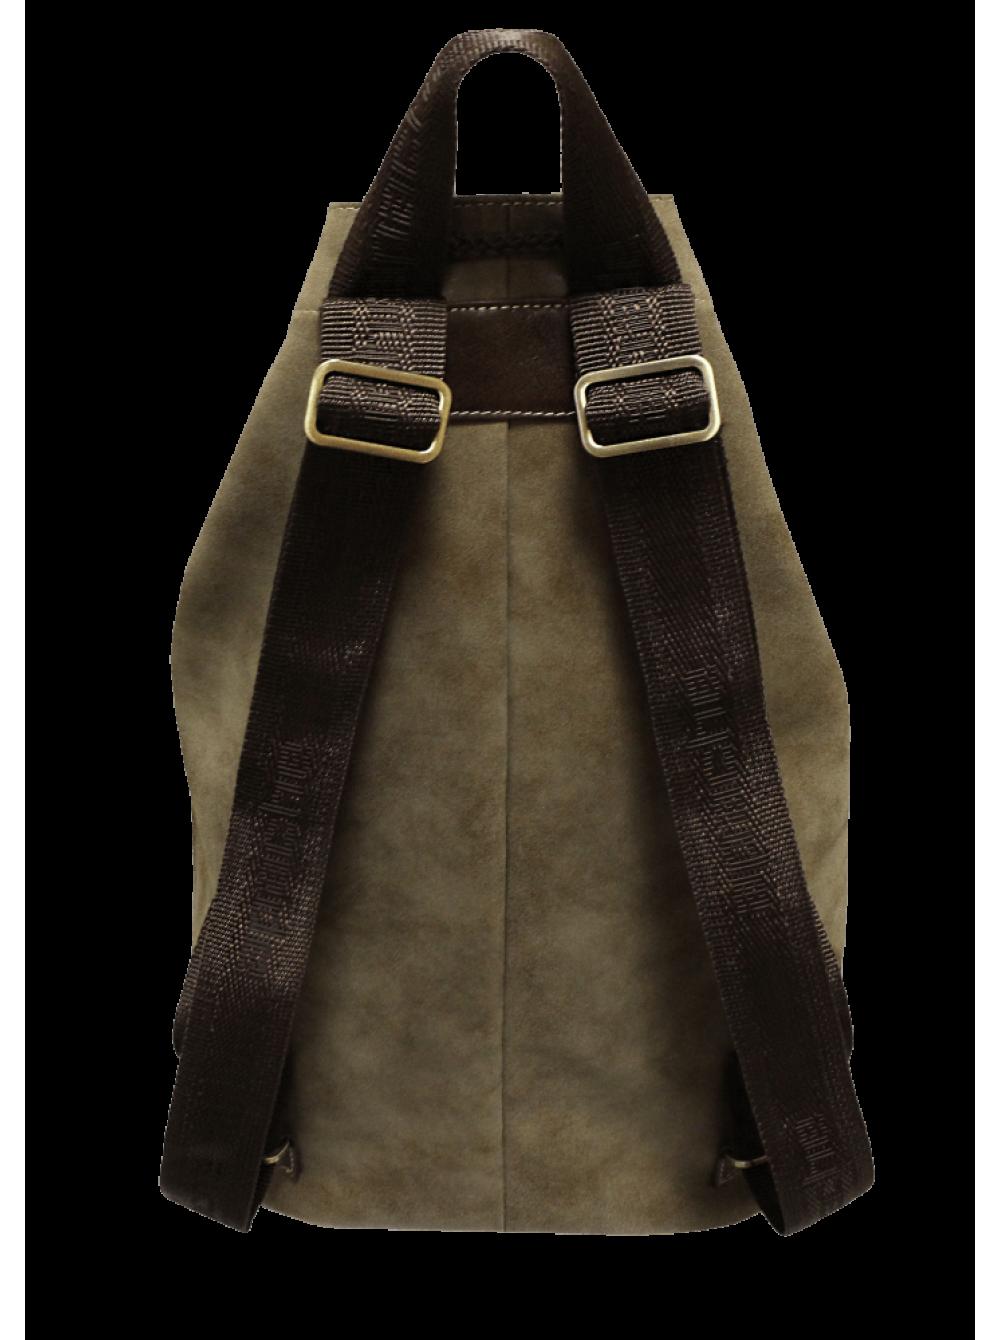 37cf68fdaefb Сумка мешок рюкзак мужская С-9614-А коричневая Apache, купить СПб Москва